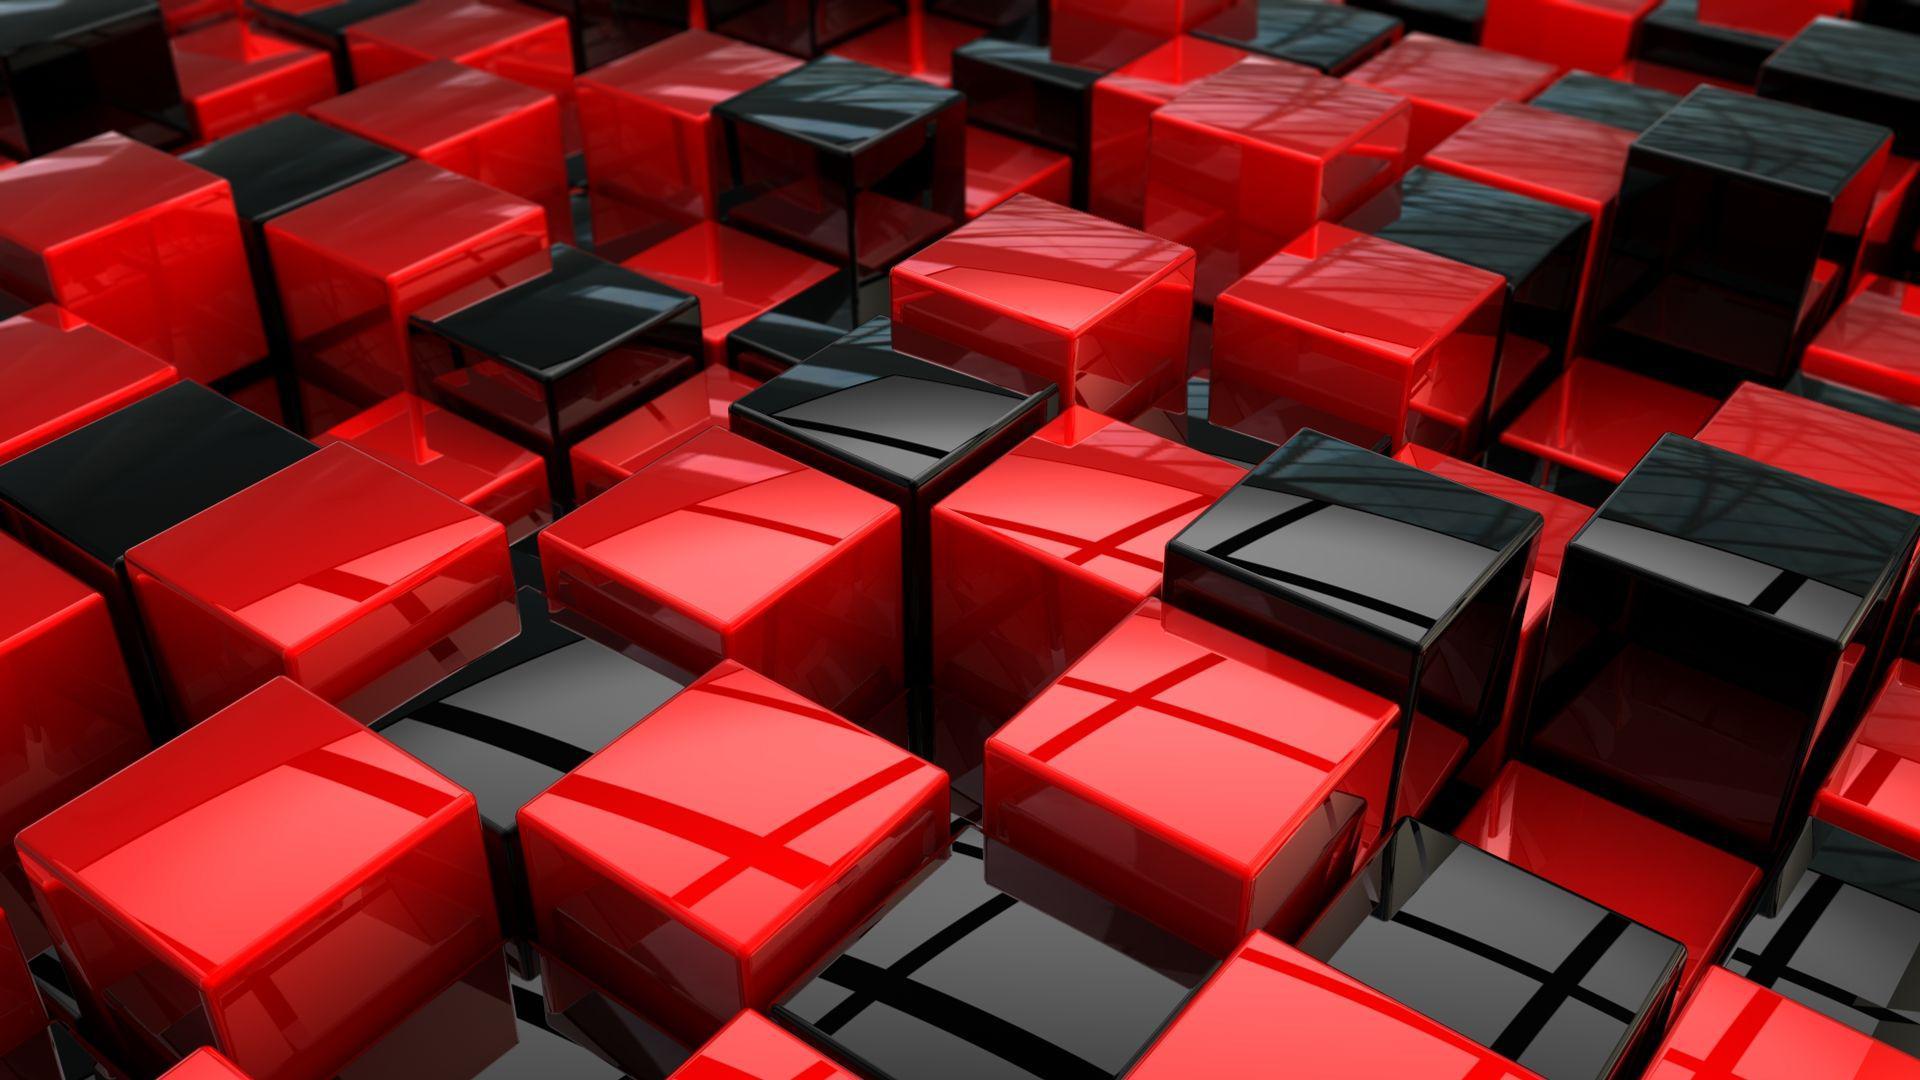 عکس زمینه مکعب های قرمز مشکی بعد دار پس زمینه